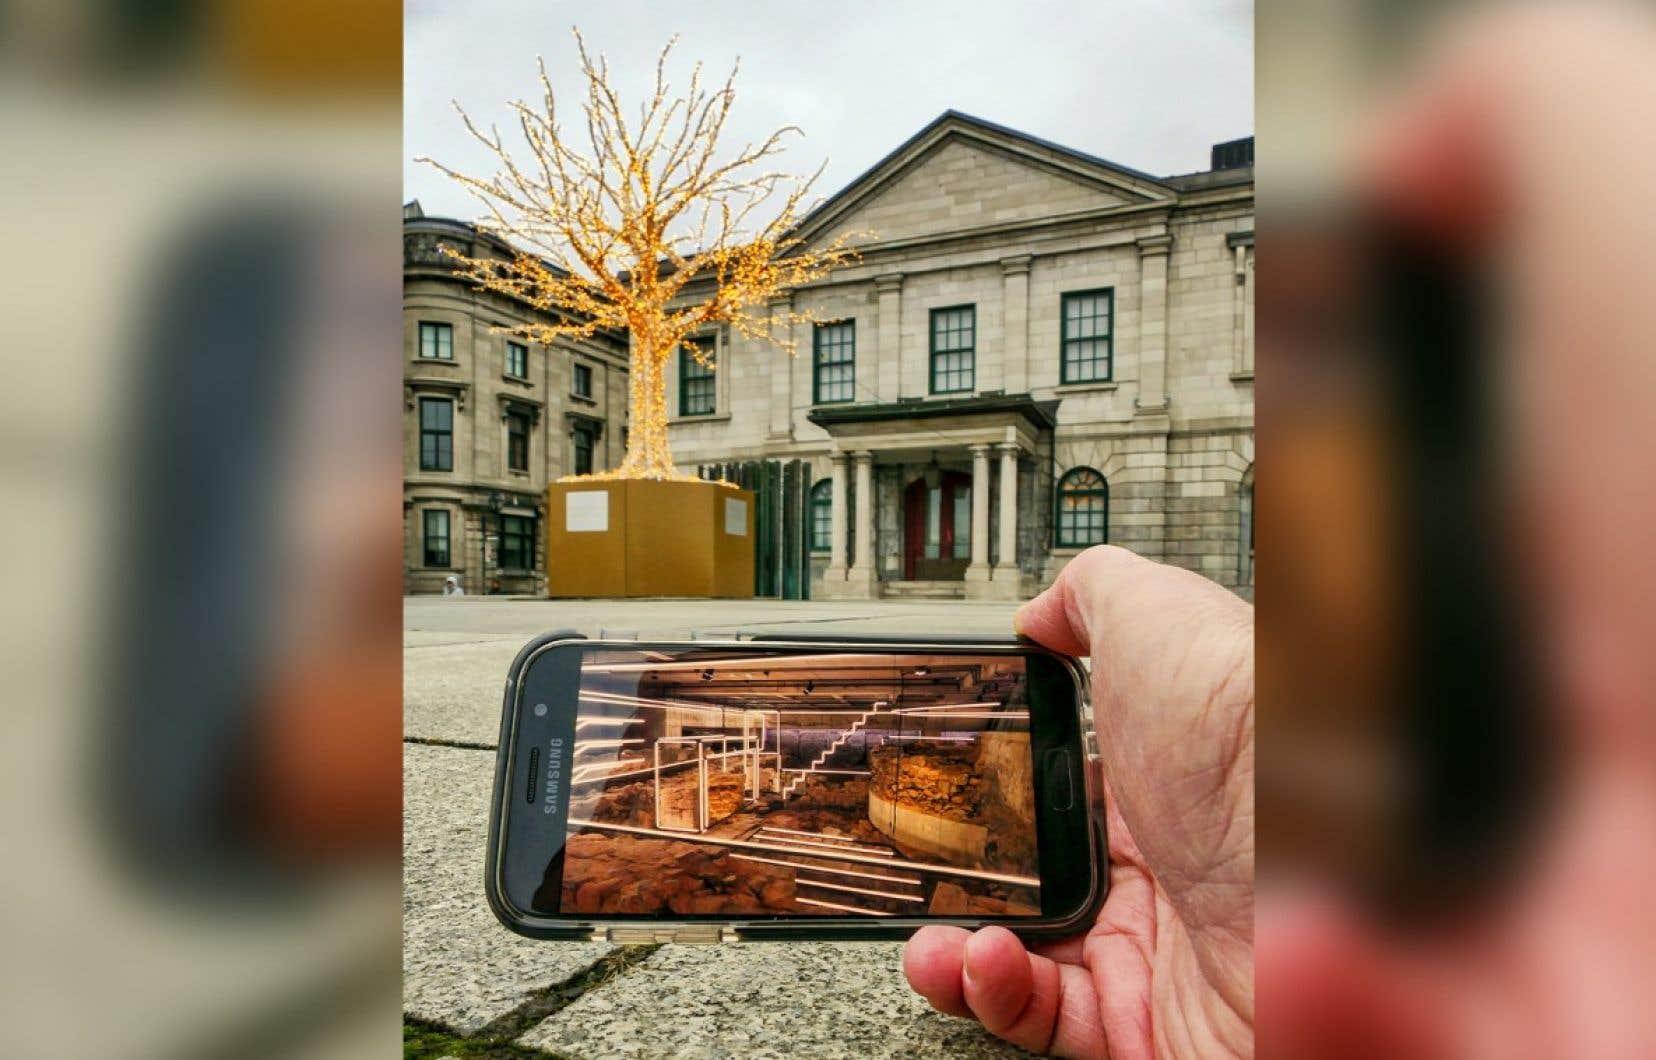 Le public peut explorer les expositions permanentes du musée au moyen d'un ordinateur, d'une tablette ou d'un téléphone.